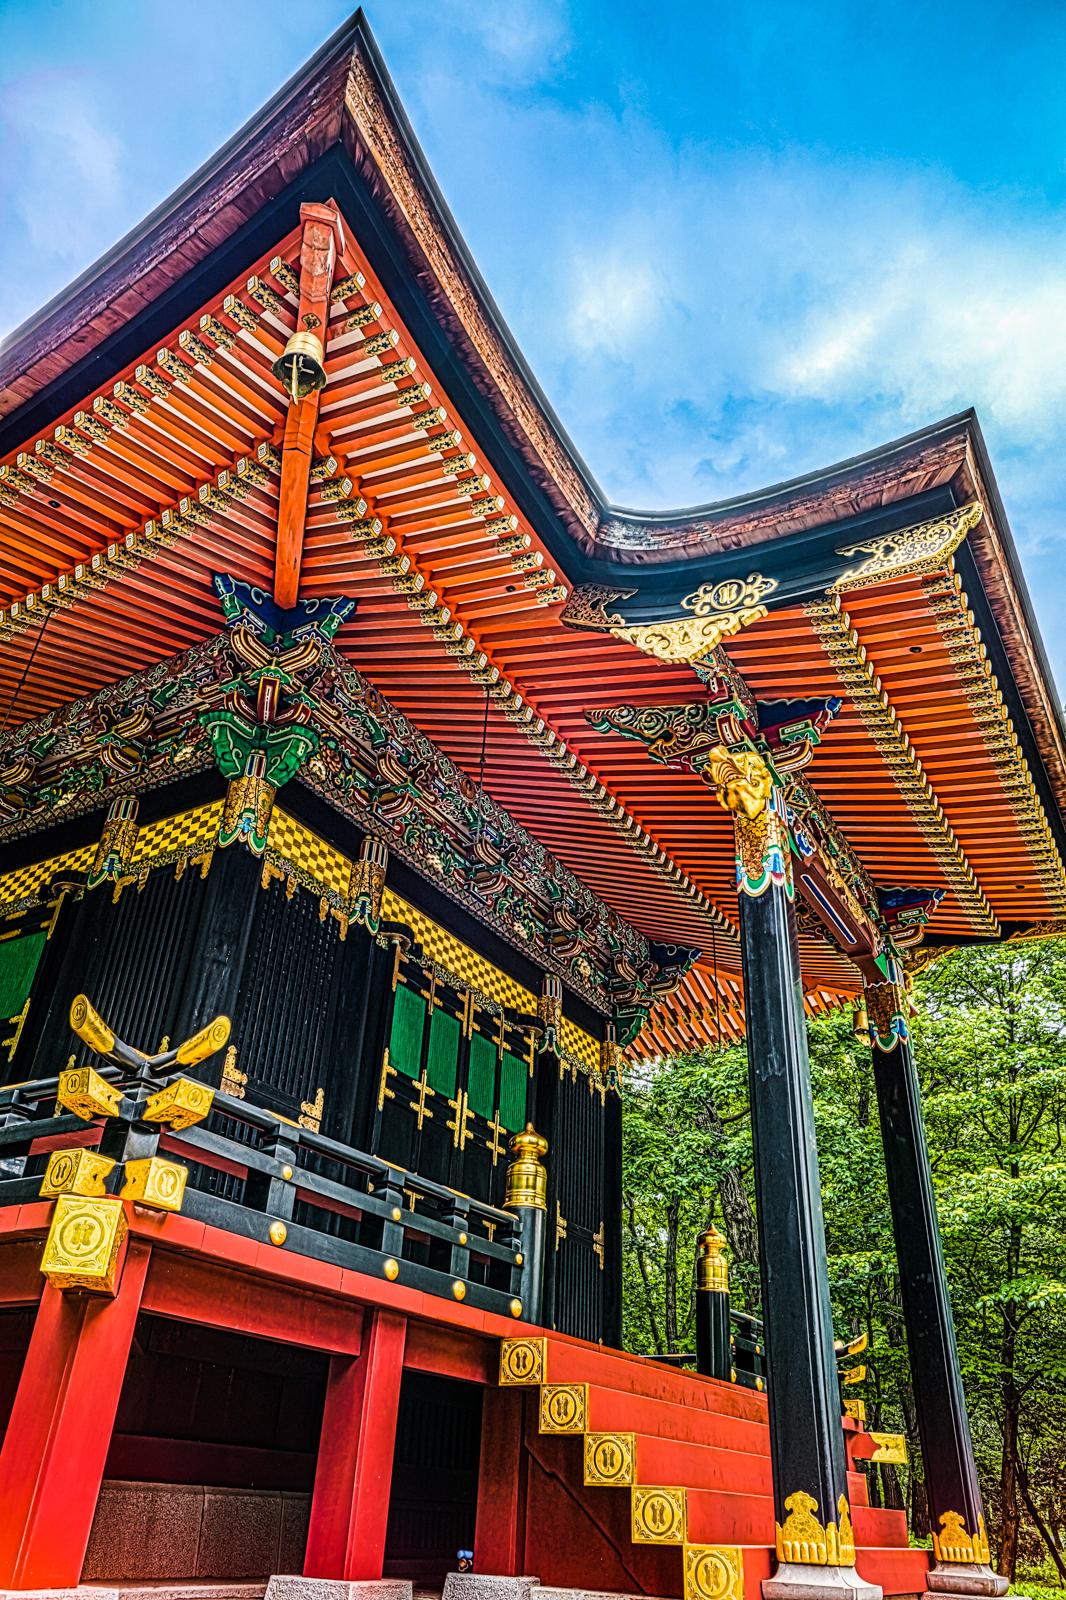 東京都指定有形文化財、旧自証院霊屋のHDR写真